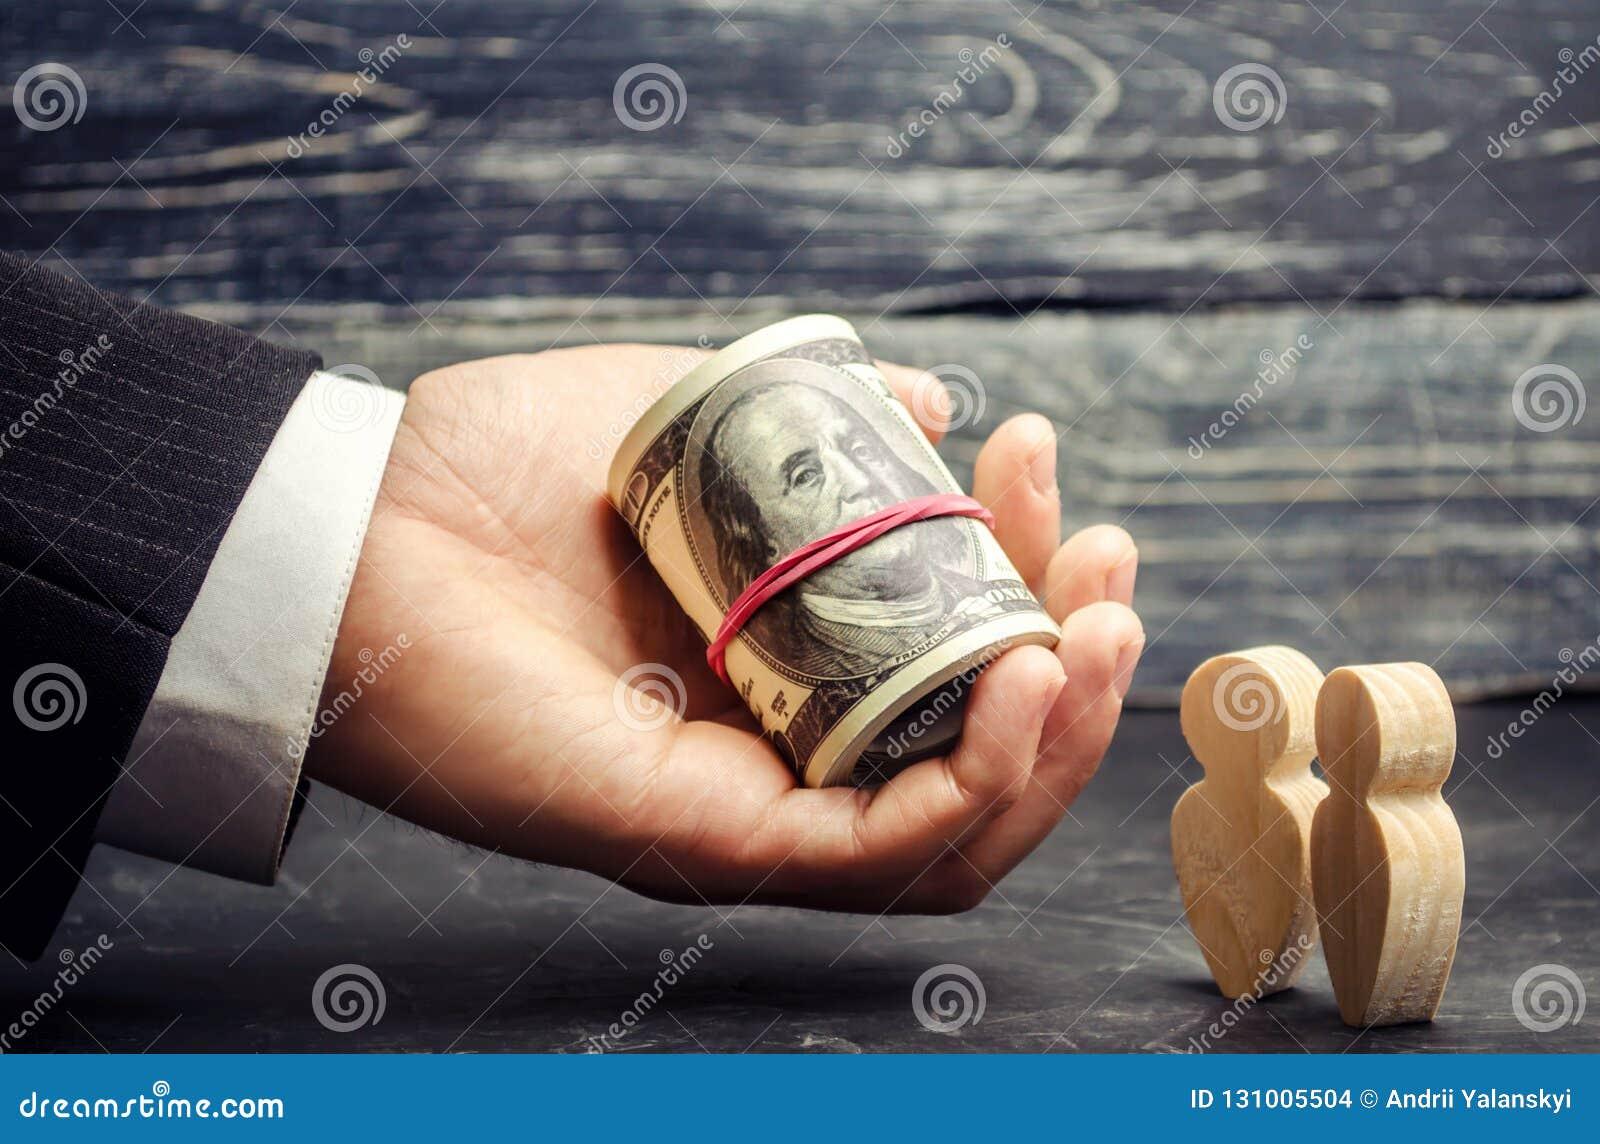 кредиты через пенсионный фонд взять кредит срочно на карту без отказа без подтверждения работы на карту онлайн